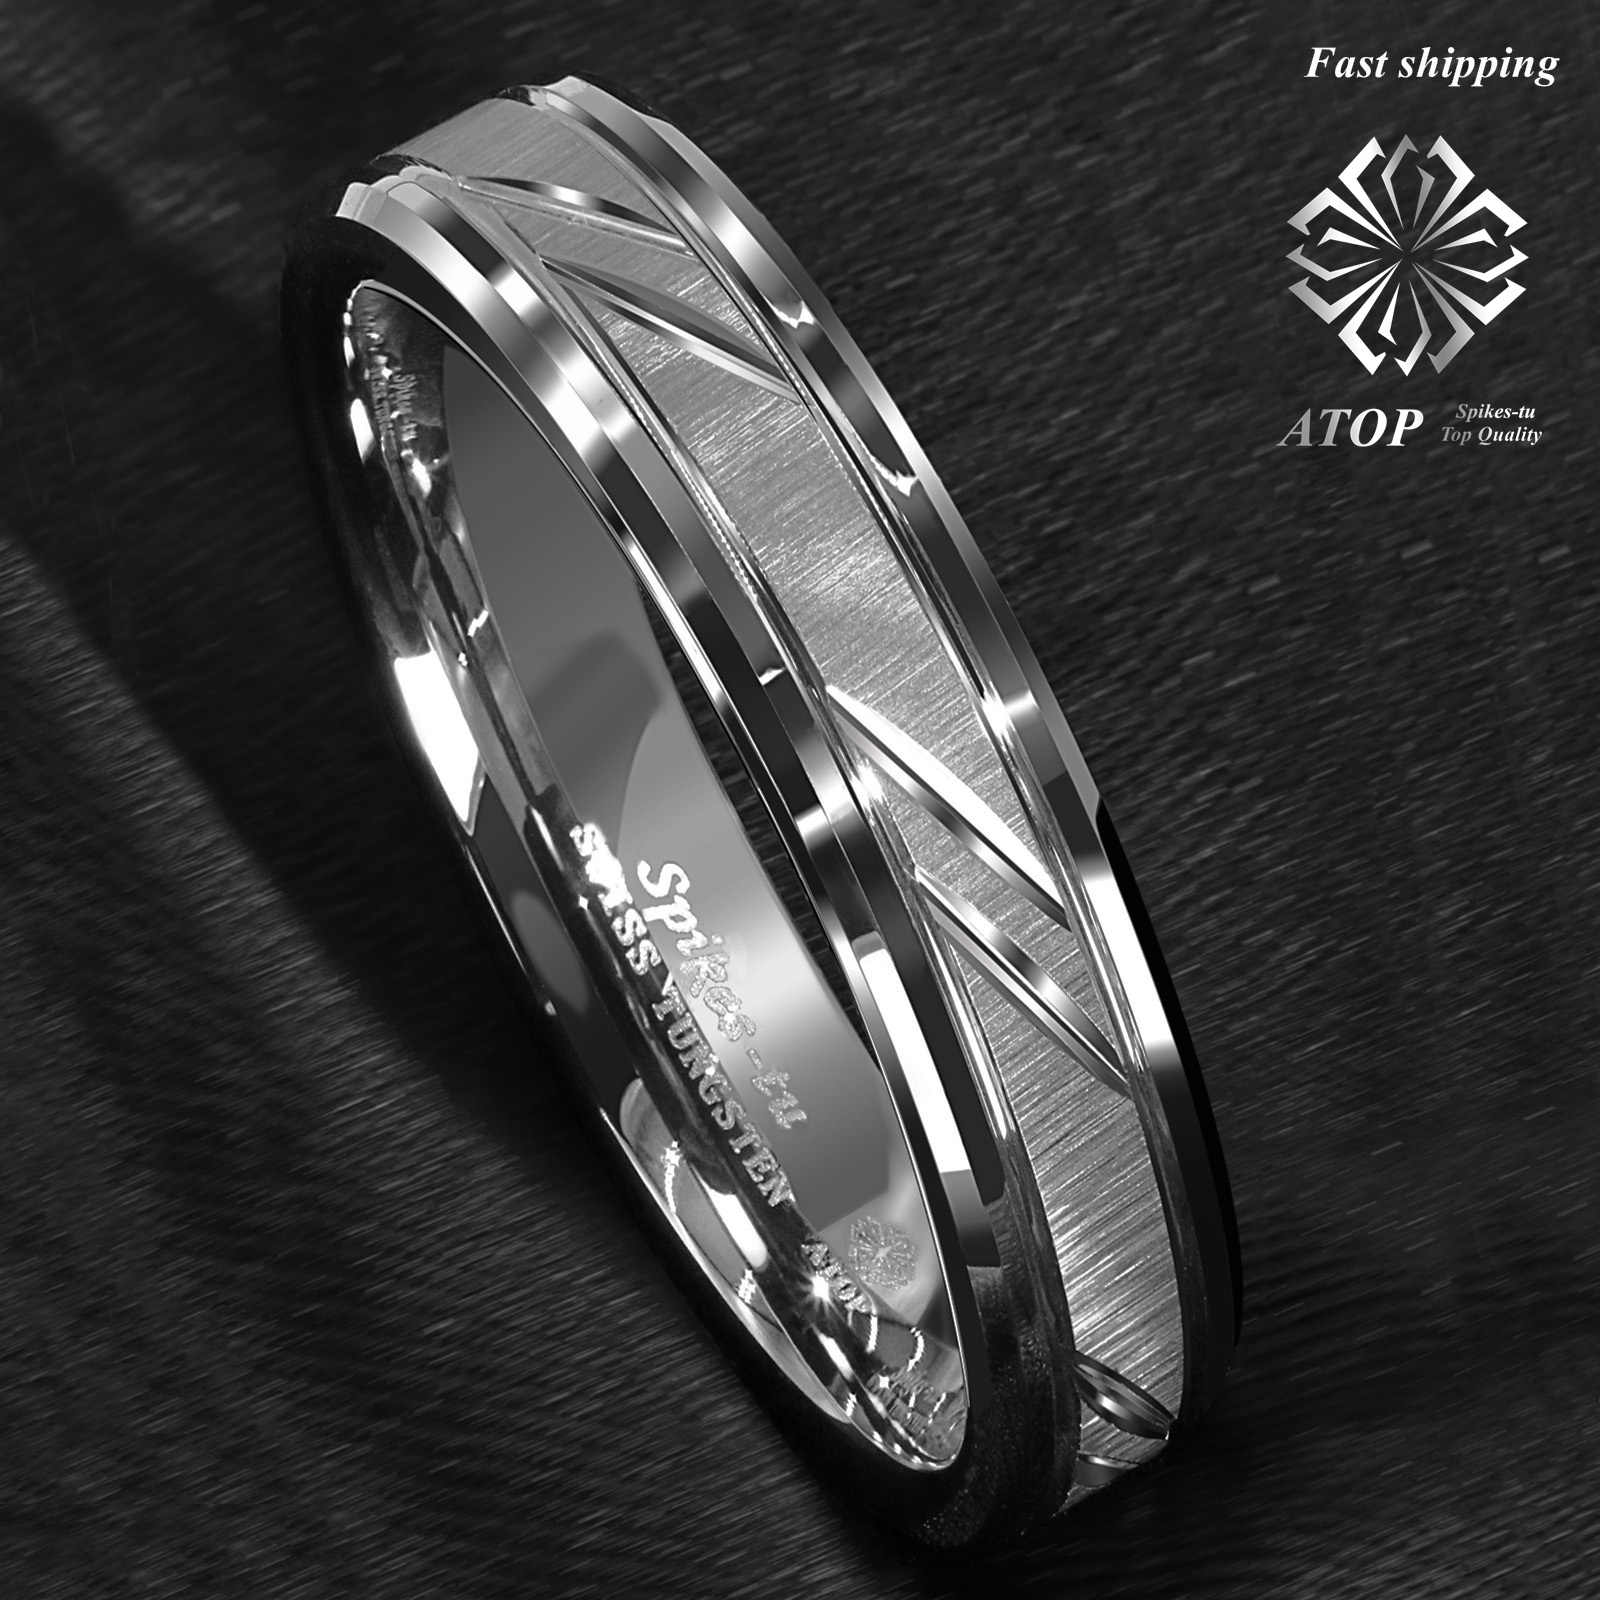 6 مللي متر حلقة كربيد التنغستن الفضة ورقة جديد نحى نمط مجوهرات الزفاف فوق